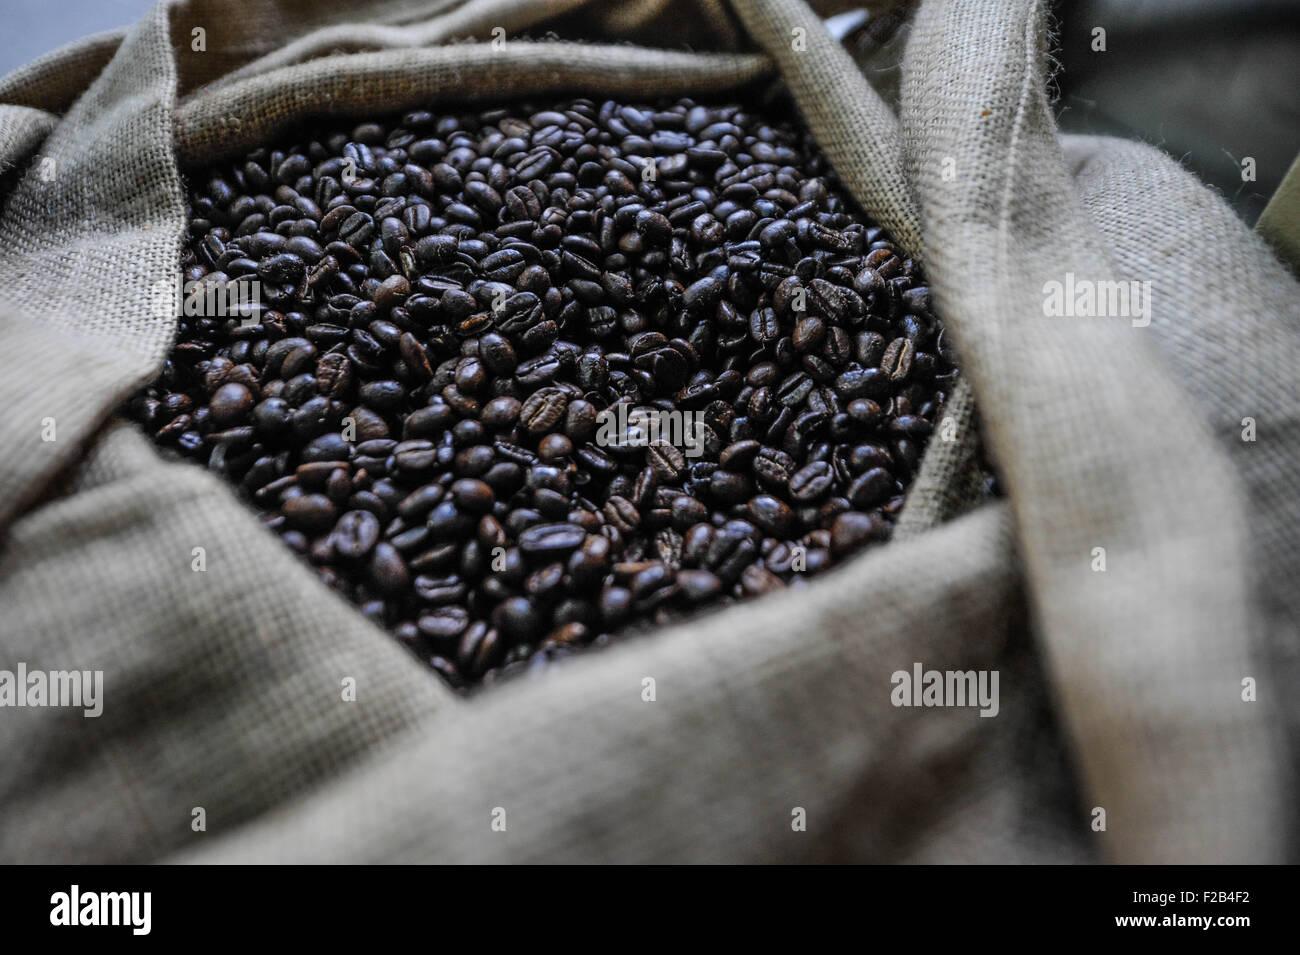 Coffee bean in San Miguel Market-grano de café en el mercado de San Miguel - Stock Image